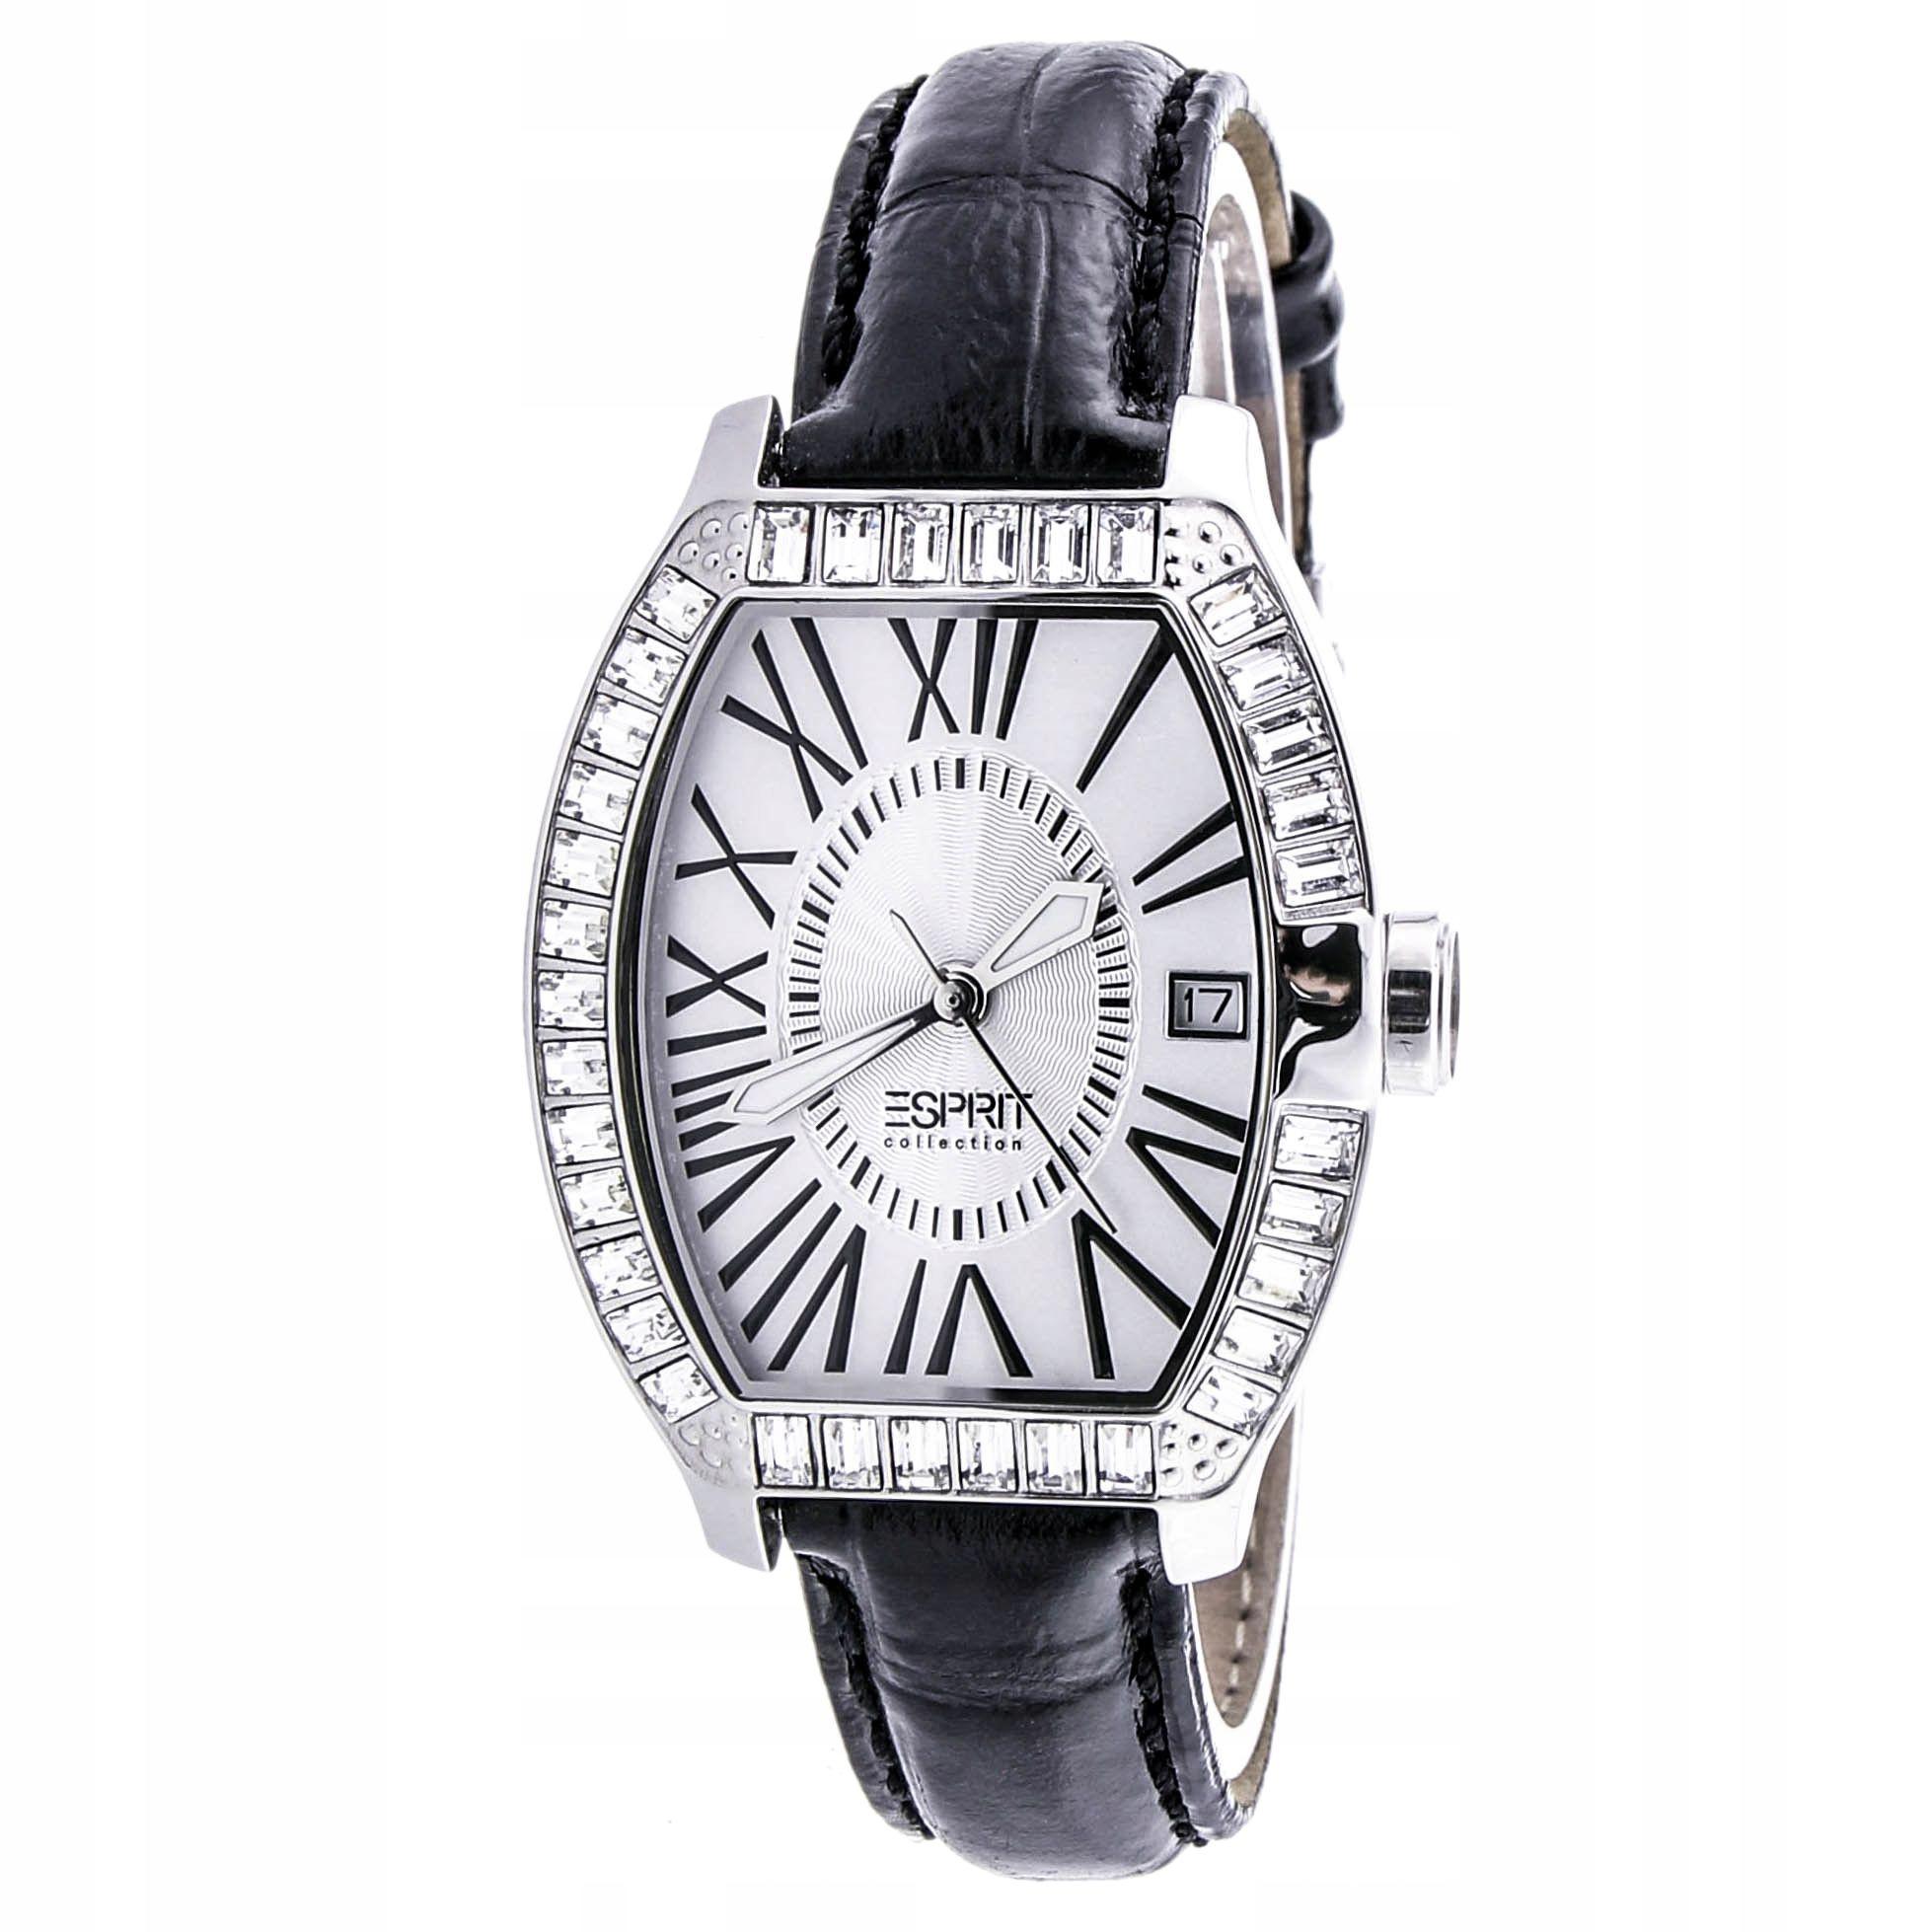 Zegarek ESPRIT EL900372001 datownik